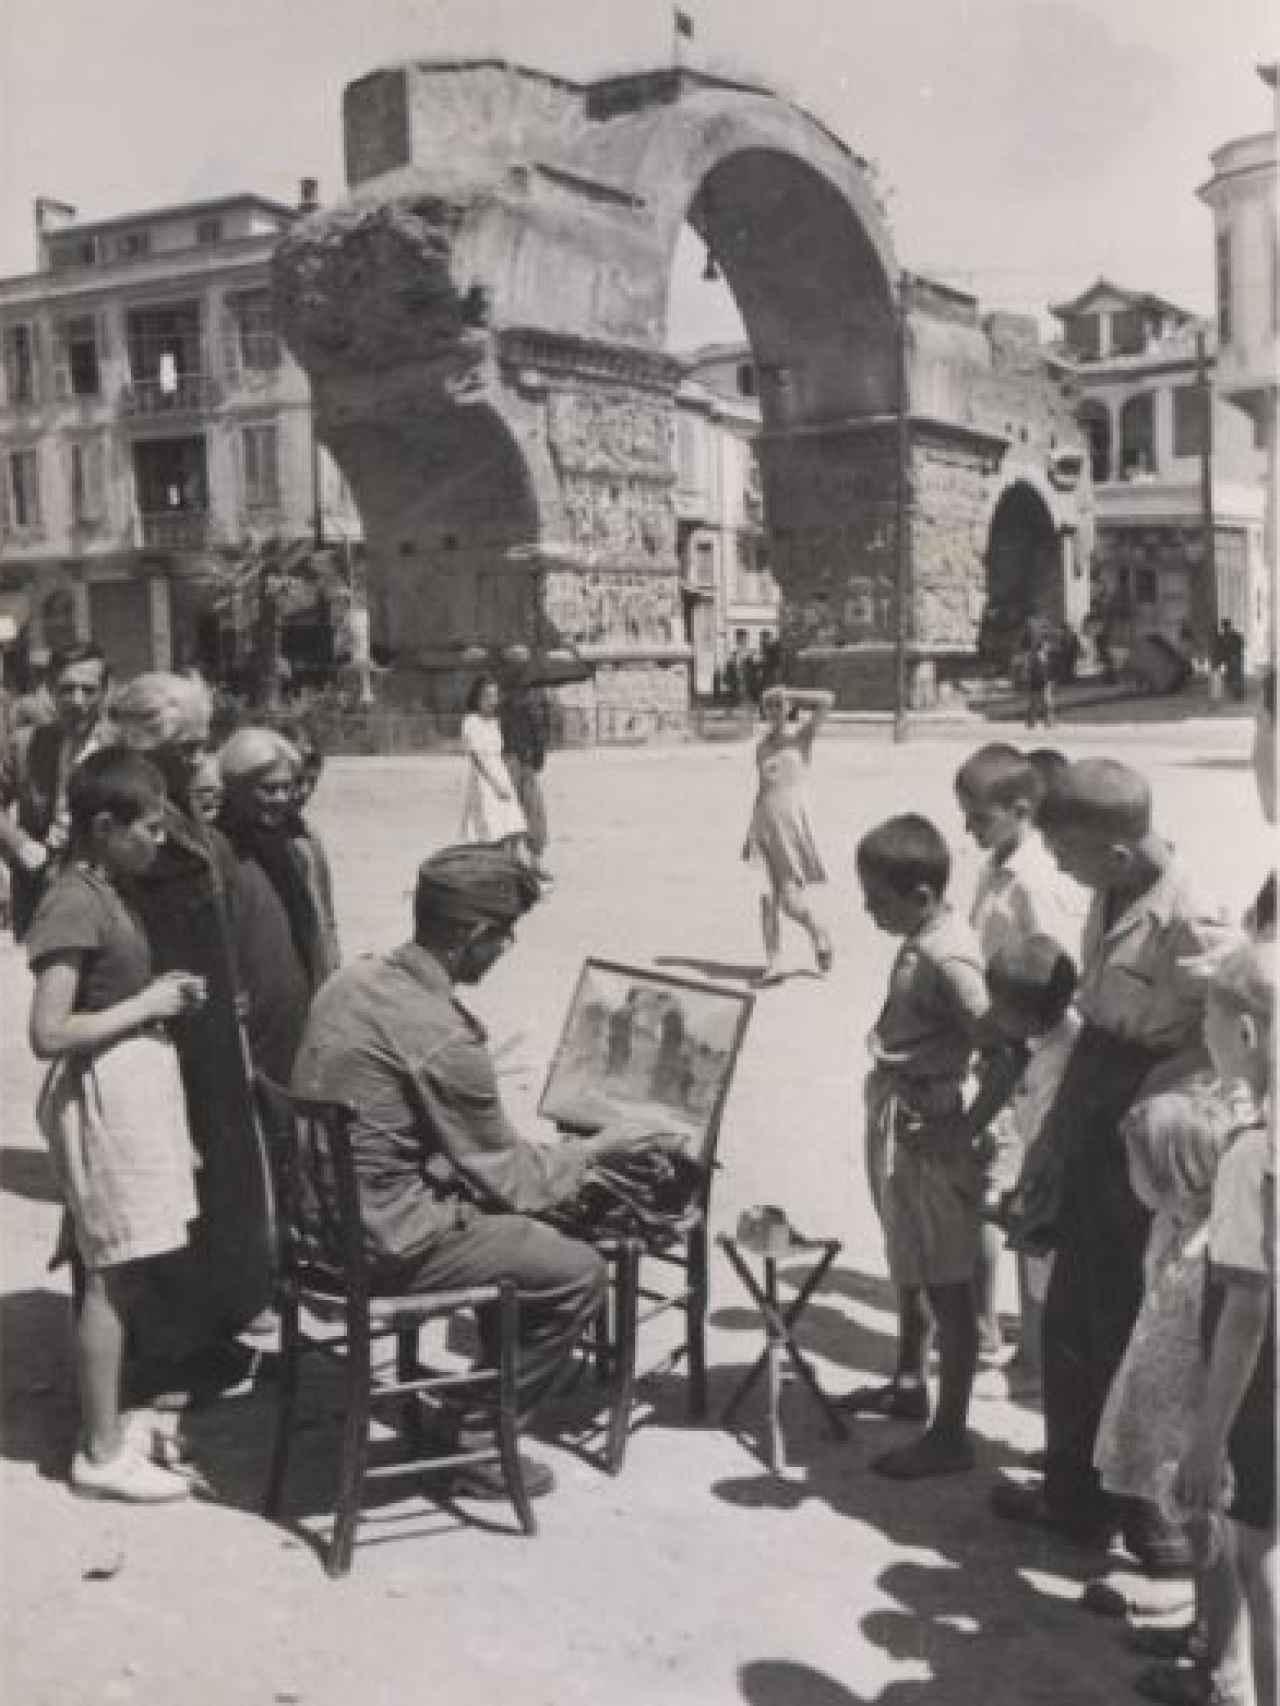 Un soldado nazi pintado.